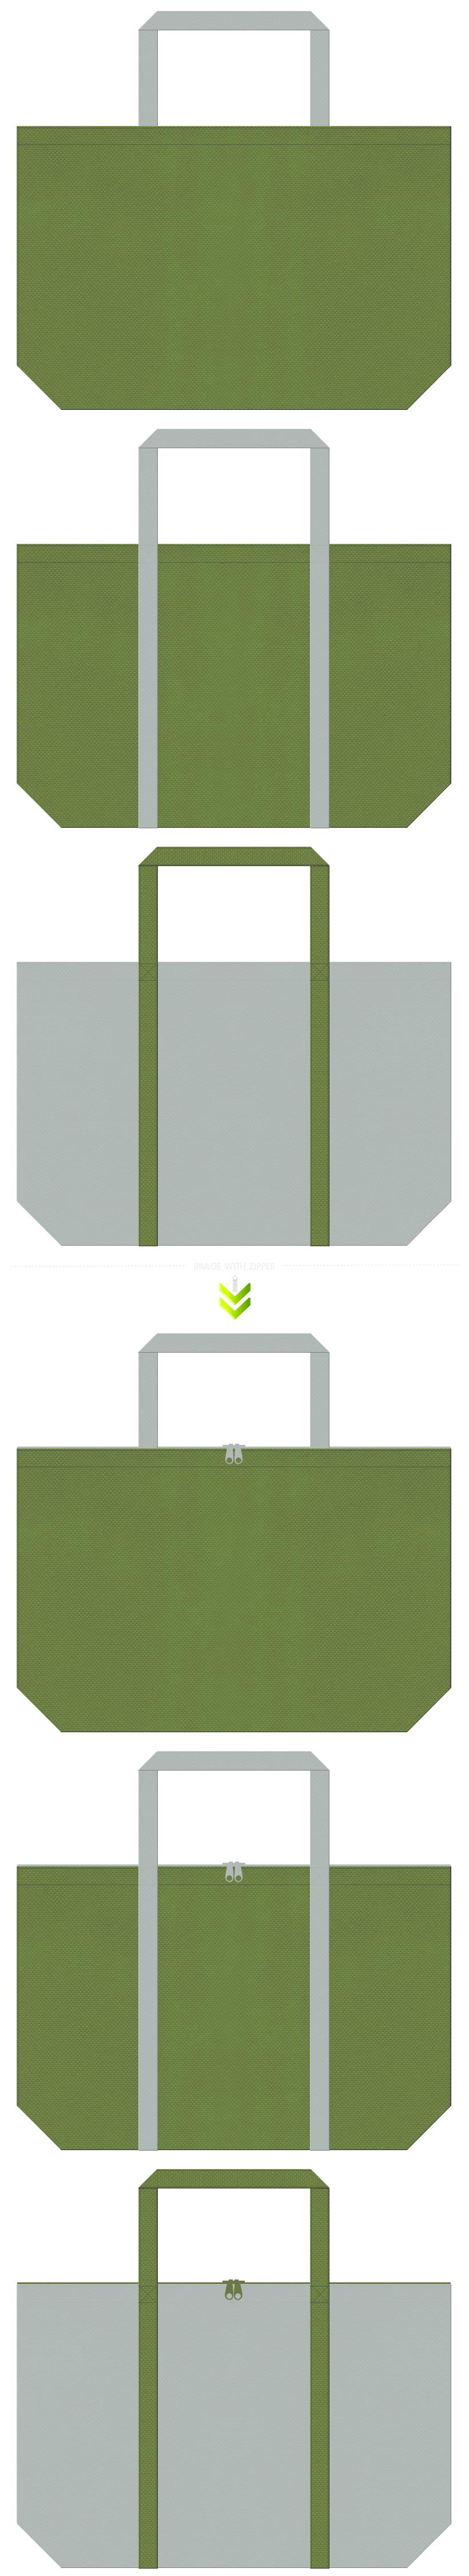 草色とグレー色の不織布エコバッグのデザイン。